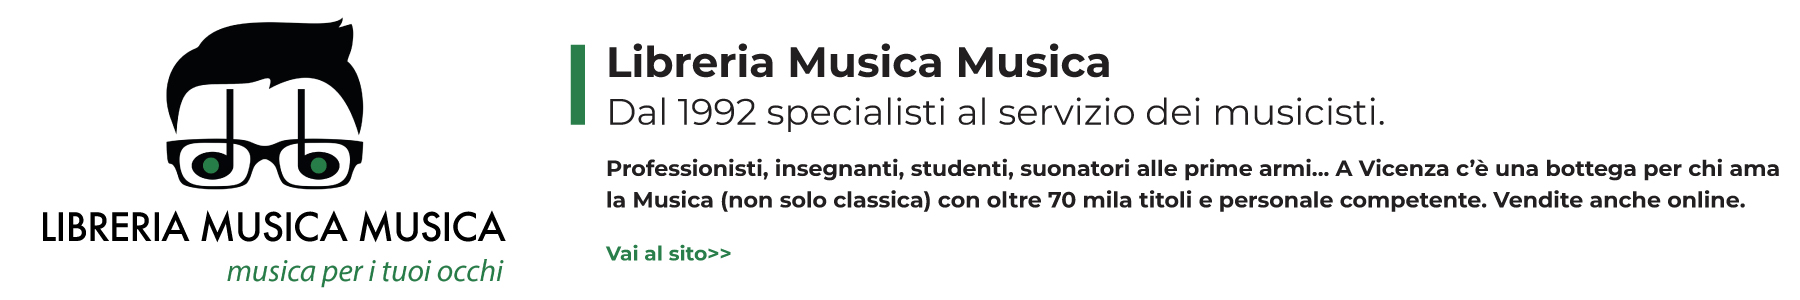 banner-musicare